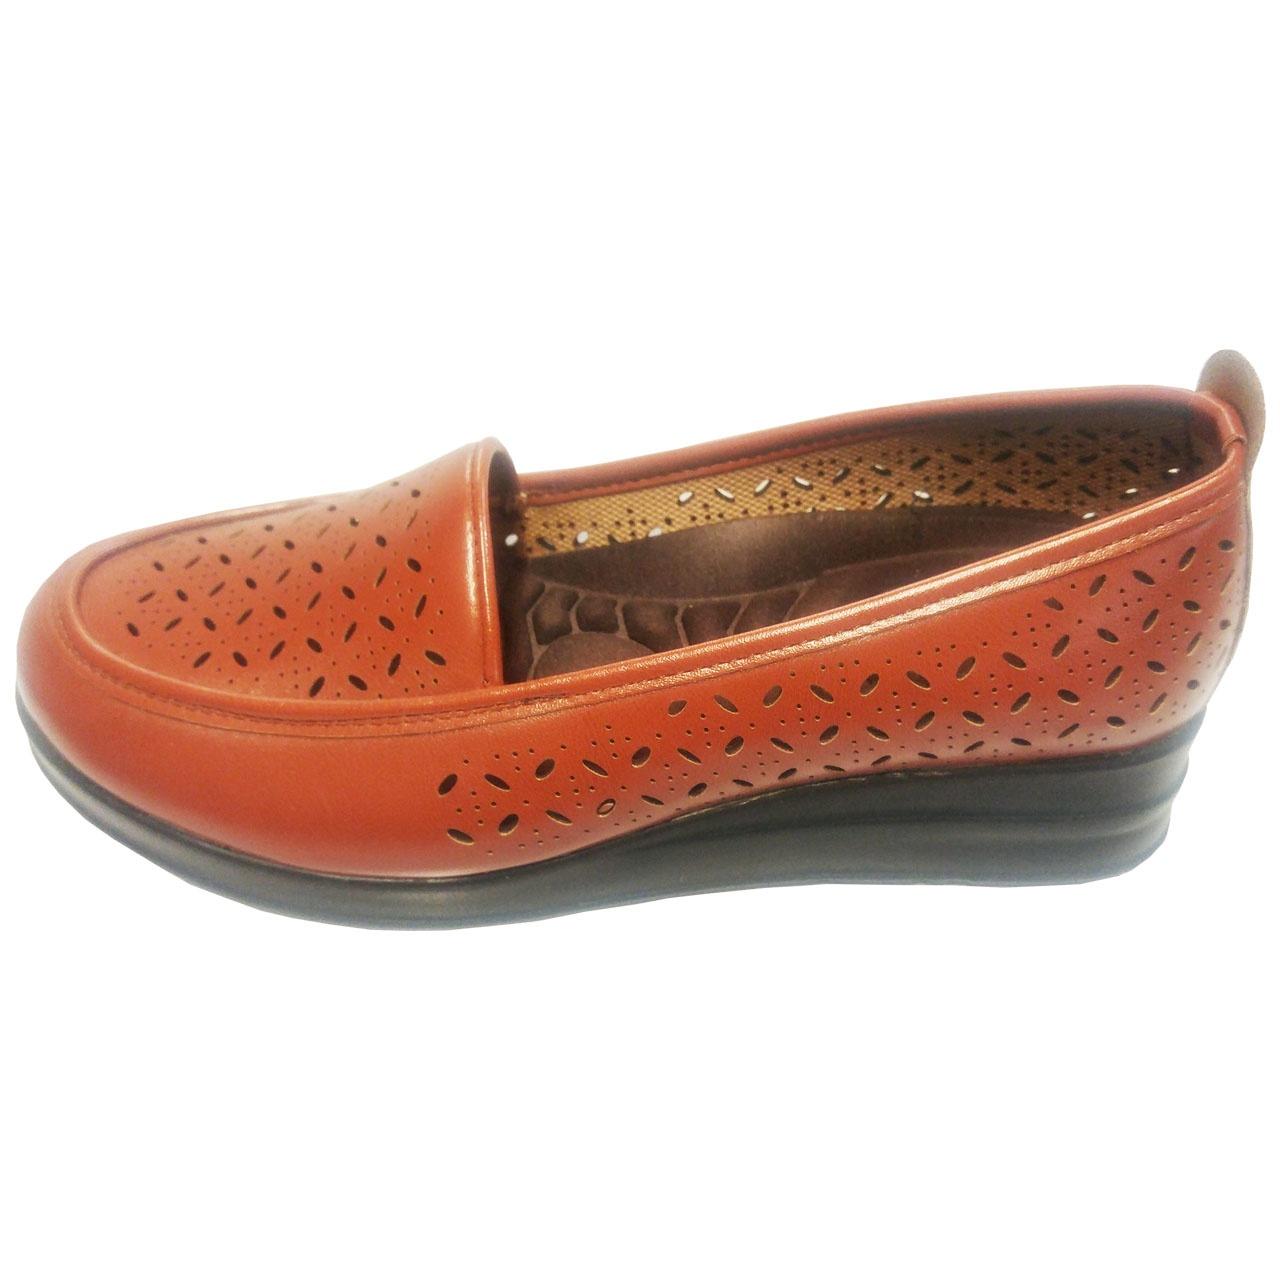 کفش زنانه آبرنگ مدل لیزری کد 009